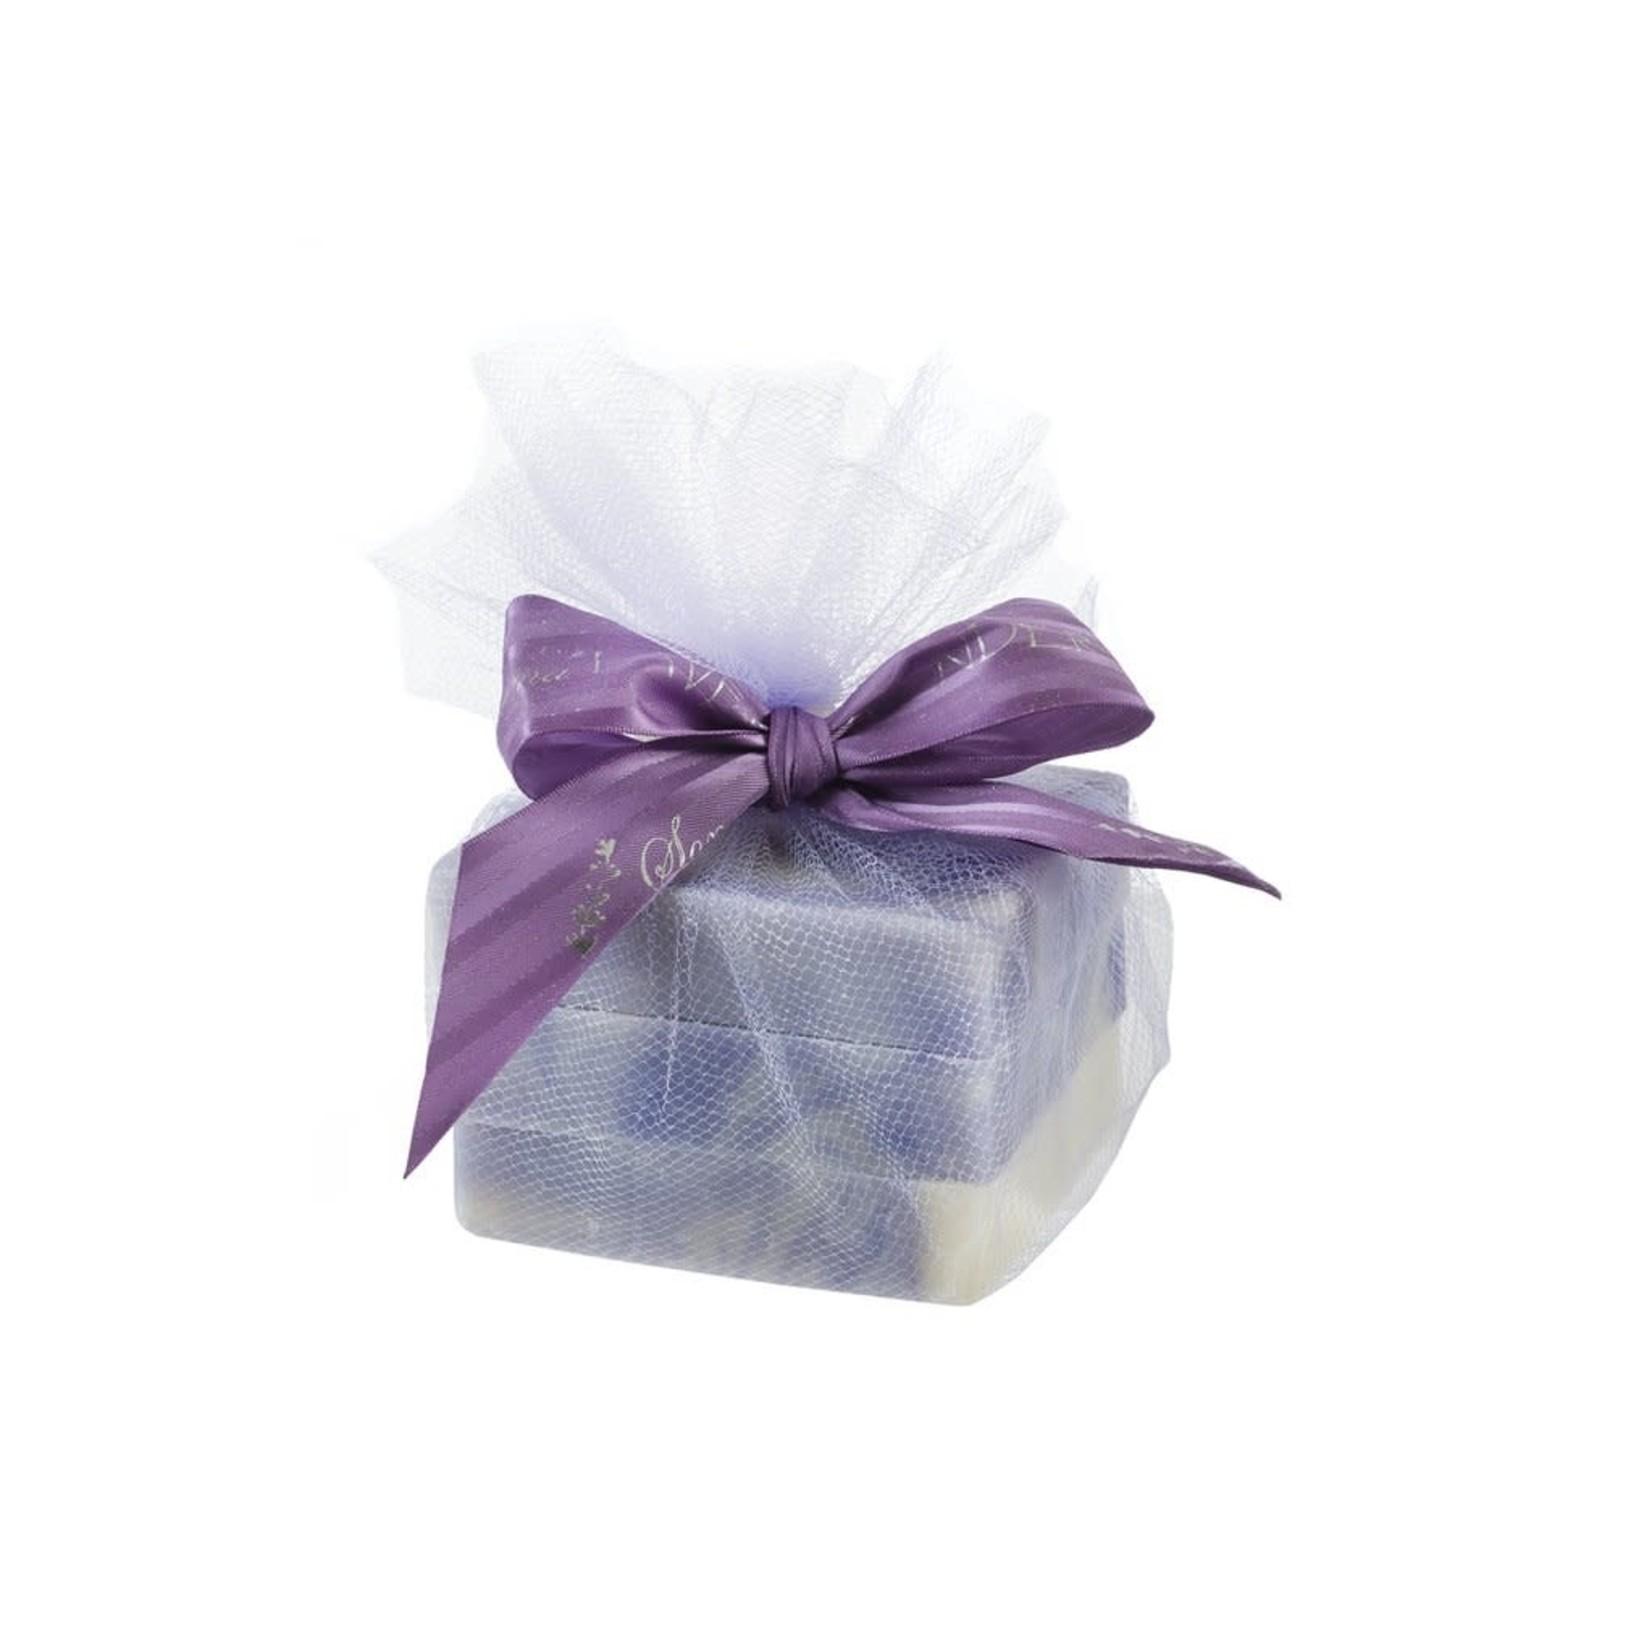 Sonoma Lavender Soap Bar Trio